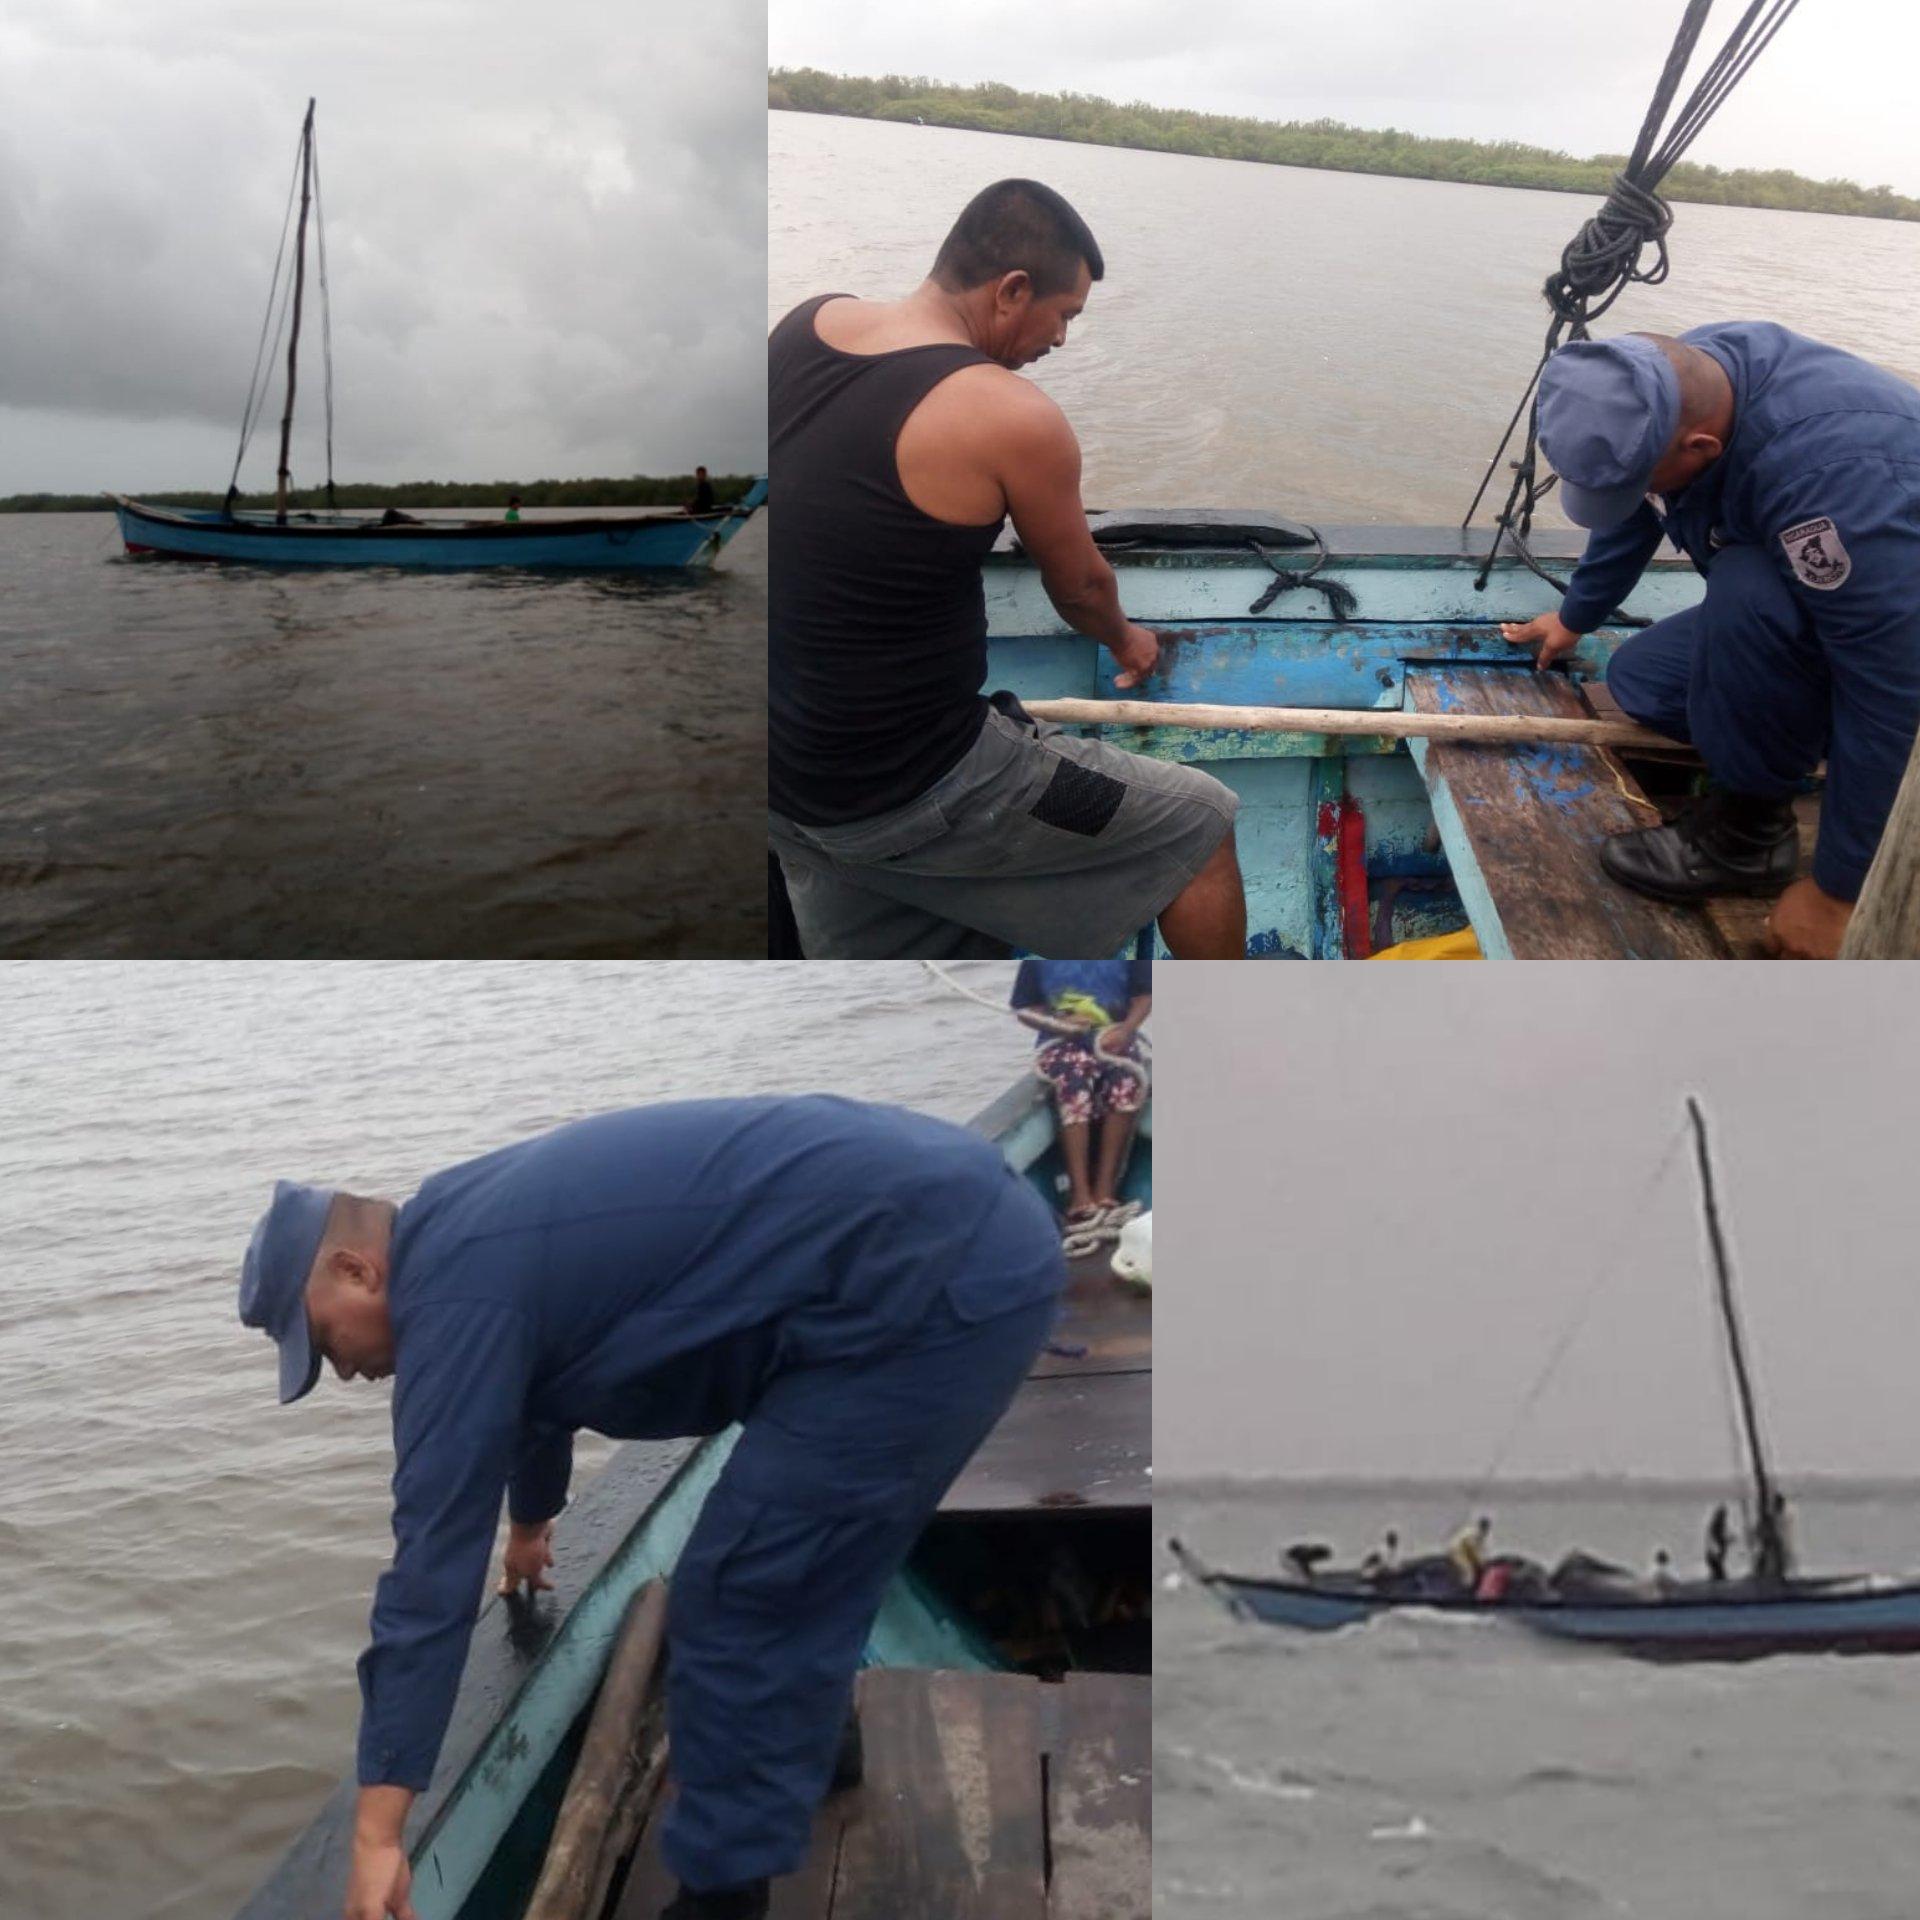 El rescate fue hecho la tarde del martes por el Buque Logístico 507 y una lancha auxiliar con 19 militares